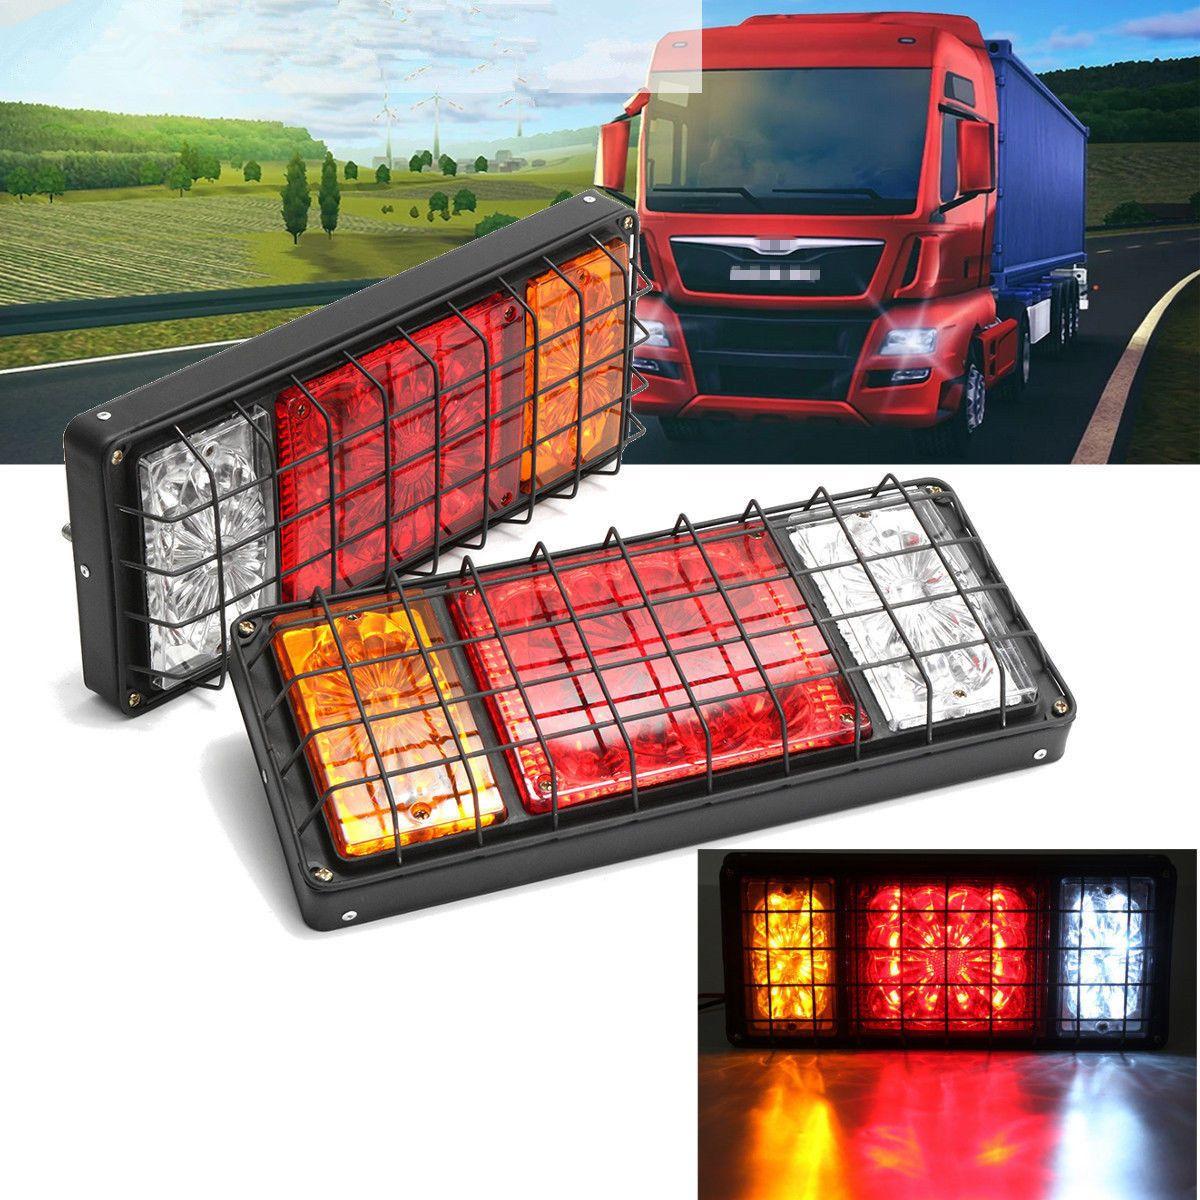 2x Led Feux Arriere Lampe Indicateur Freinage Inversion Remorqueur Caravan 24v Ebay With Images Car Bus Tail Light